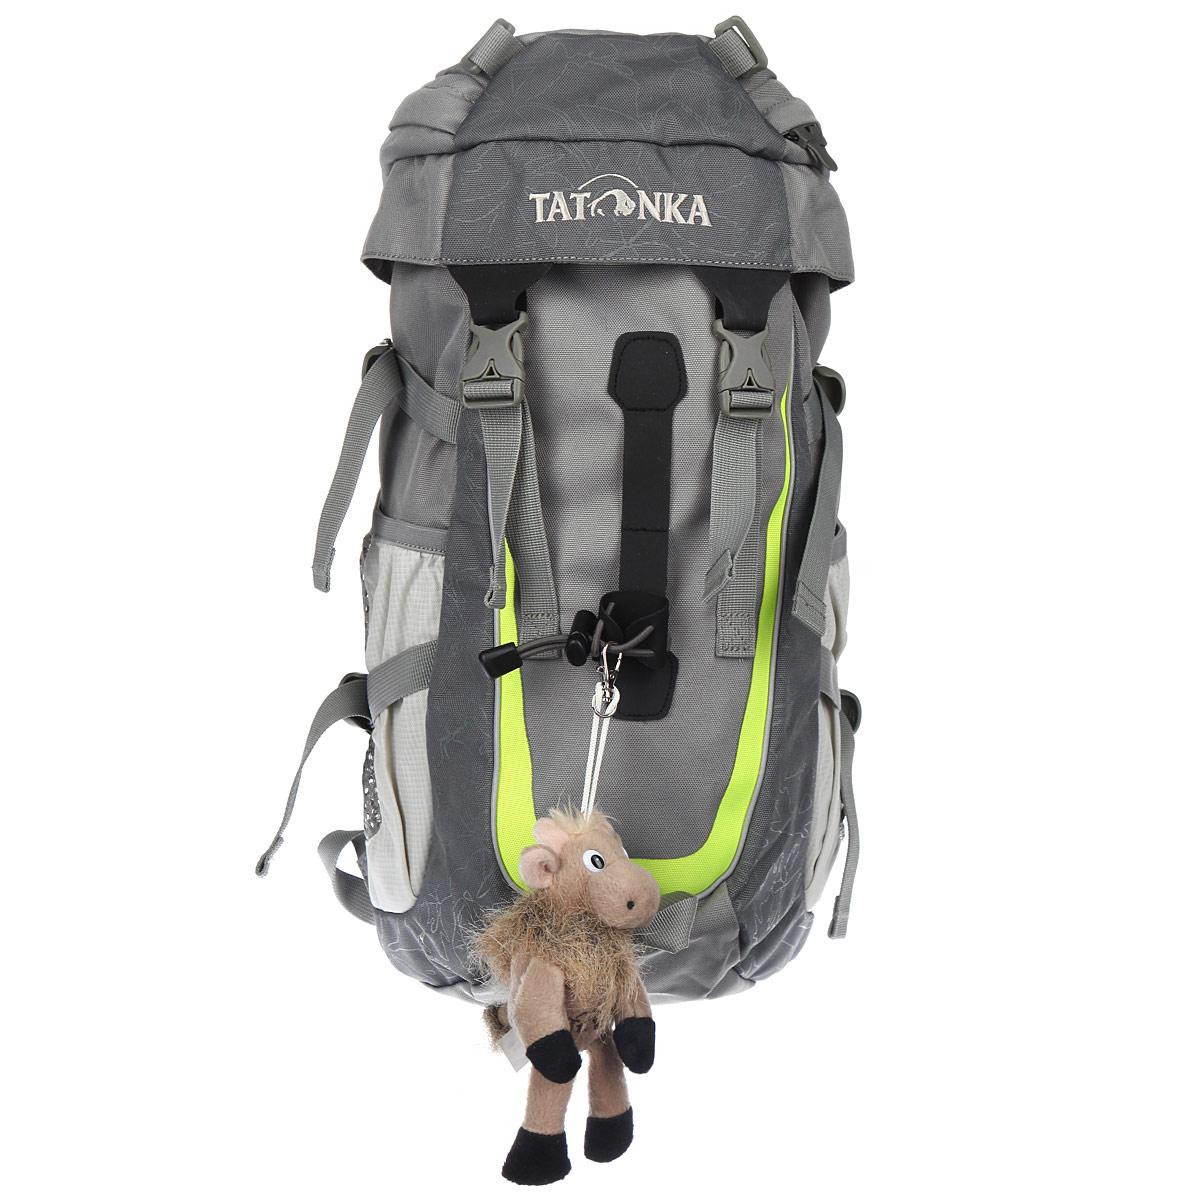 Детский рюкзак Tatonka Mowgli, цвет: серый. 1806.04367742Настоящий трекинговый рюкзак Tatonka Mowgli для детей старше 6 лет. По оснащению Mowgli ни в чем не уступает взрослым трекинговым рюкзакам. Система подвески и спинка с мягкой подкладкой специально разработаны с учетом детской анатомии. Рюкзак состоит из одного отделения, которое затягивается шнурком и закрывается на клапан с пластиковыми карабинами. С внутренней и внешней стороны клапана есть врезные кармашки на застежке-молнии. На лицевой стороне рюкзак дополнен подвеской-игрушкой с логотипом Tatonka. По бокам имеются два открытых кармана, которые можно затянуть удобными ремешками. Так же по бокам по бокам рюкзак дополнен стяжками. Имеются нагрудный и поясной ремни, петля для закрепления палок. Уплотненная спинка равномерно распределяет нагрузку на плечевые суставы и спину, а две широкие лямки можно регулировать по длине.